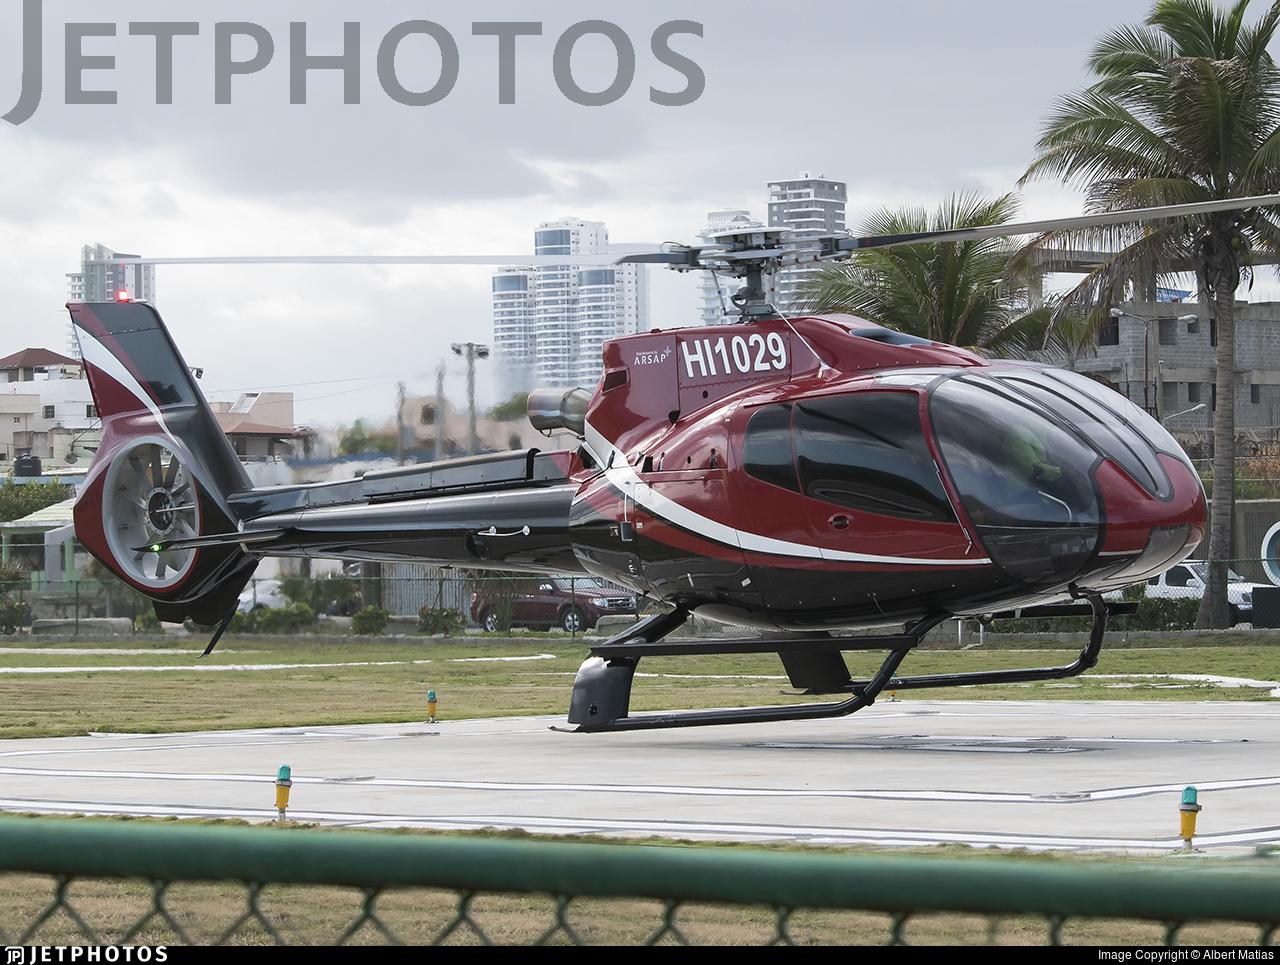 HI1029 - Eurocopter EC 130B4 - Private